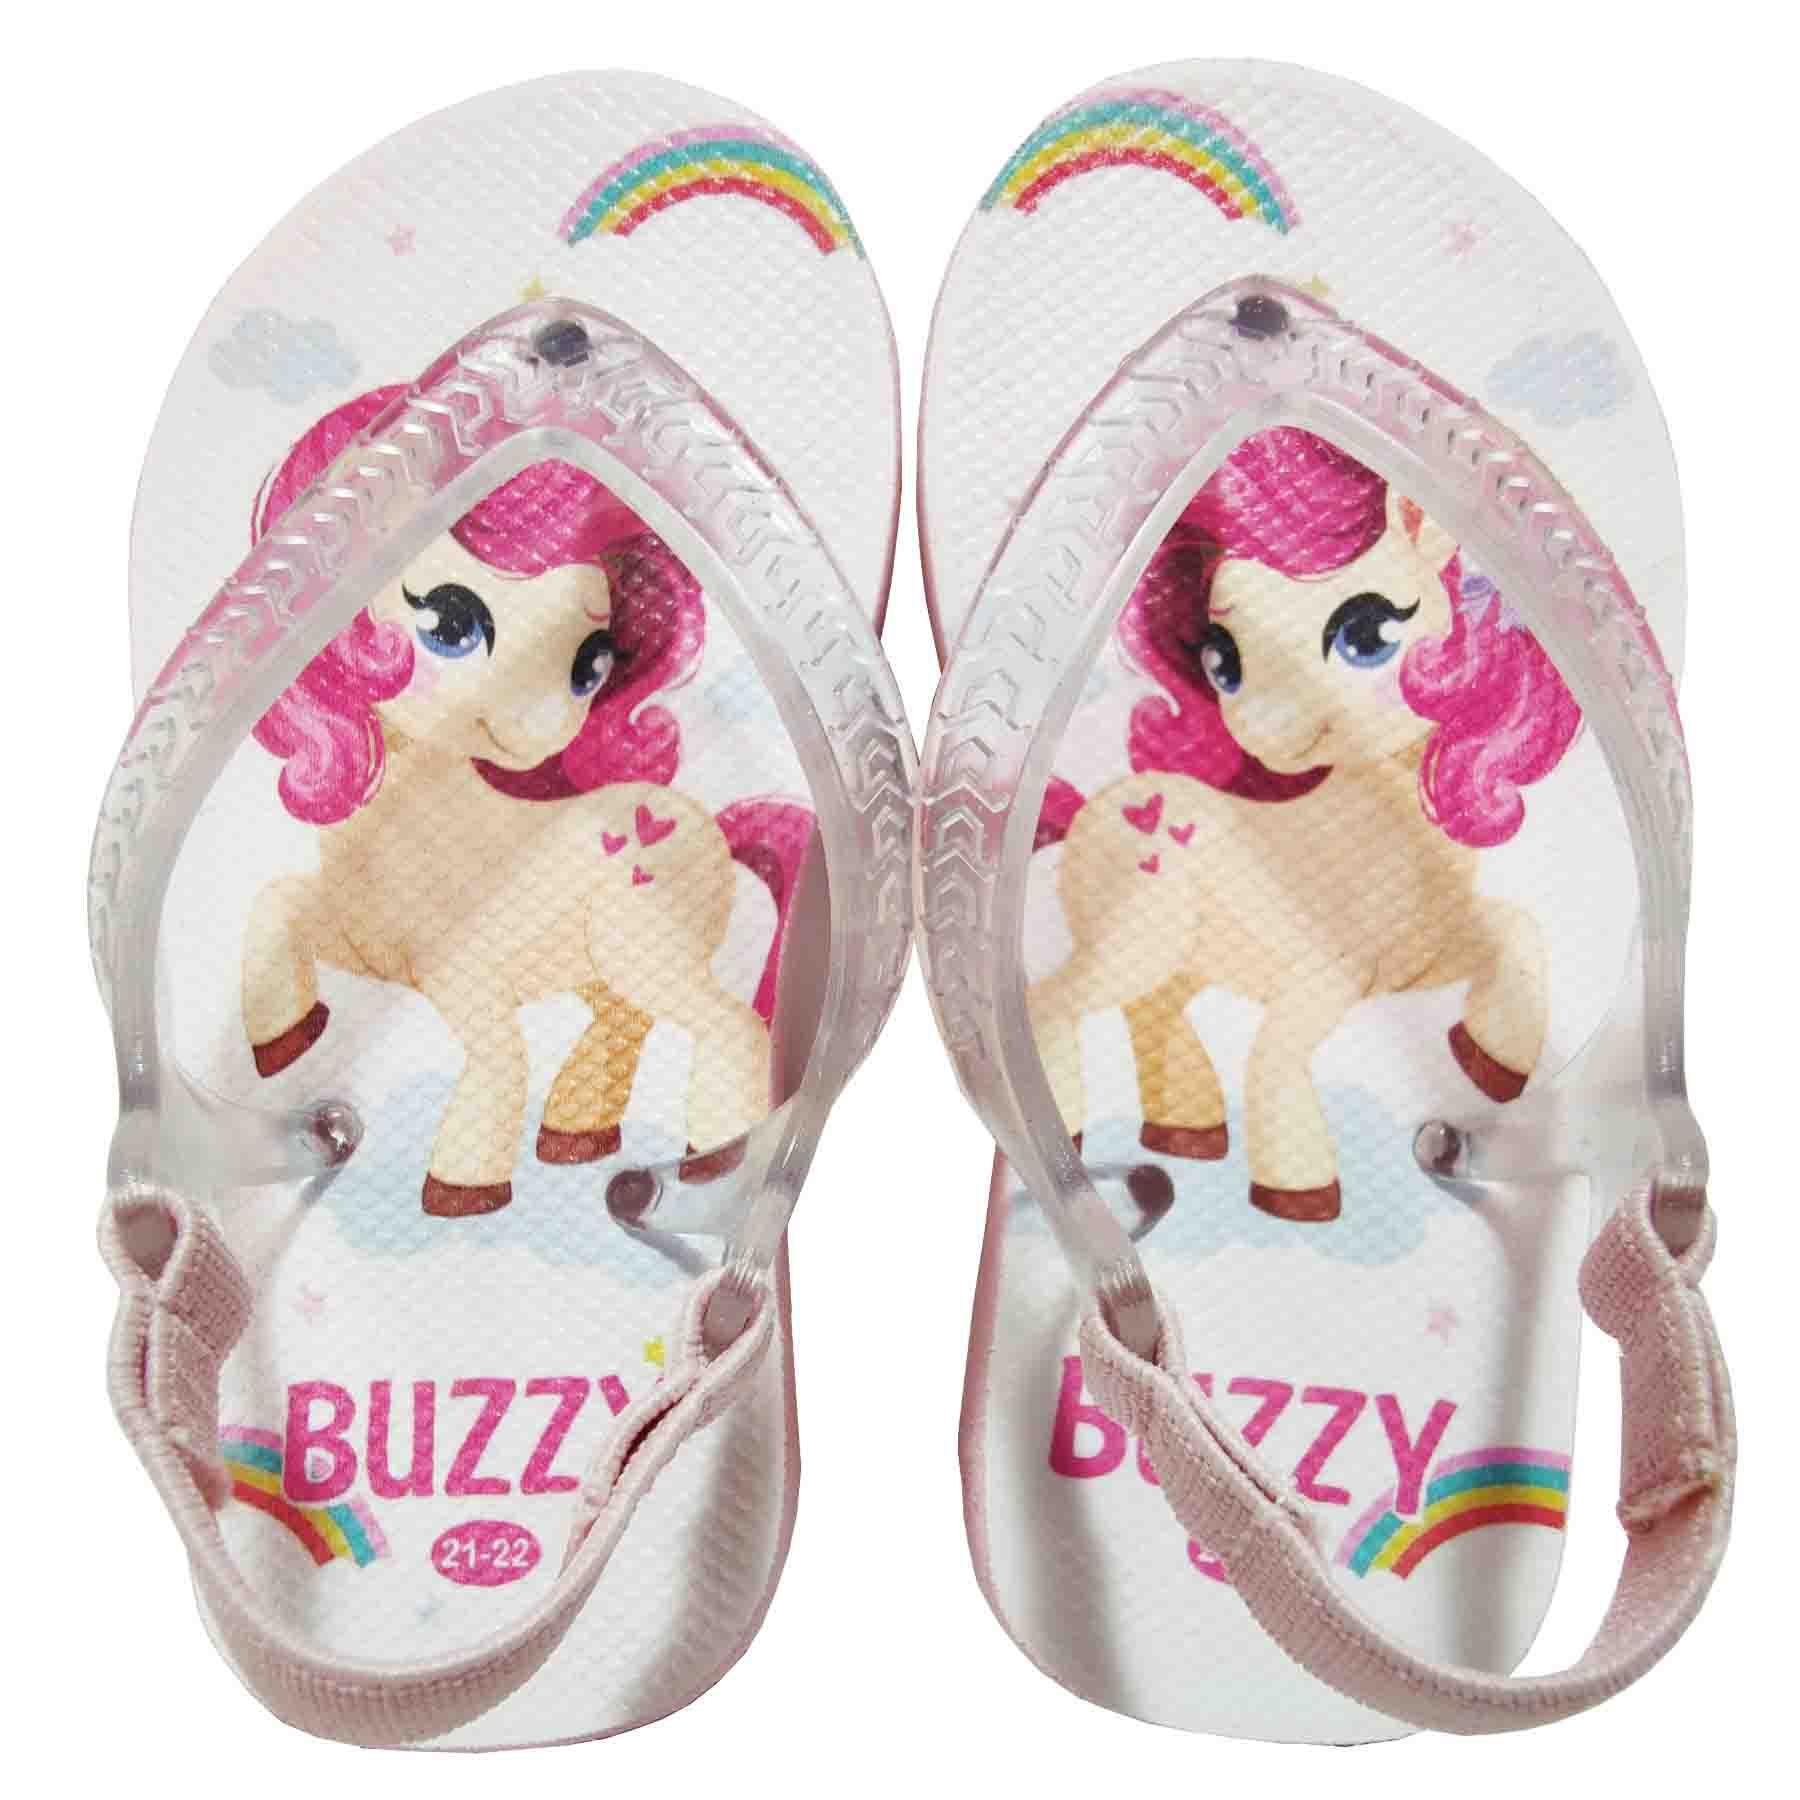 Chinelo Bebê Buzzy Sandália Infantil Pônei Meninas BZ020